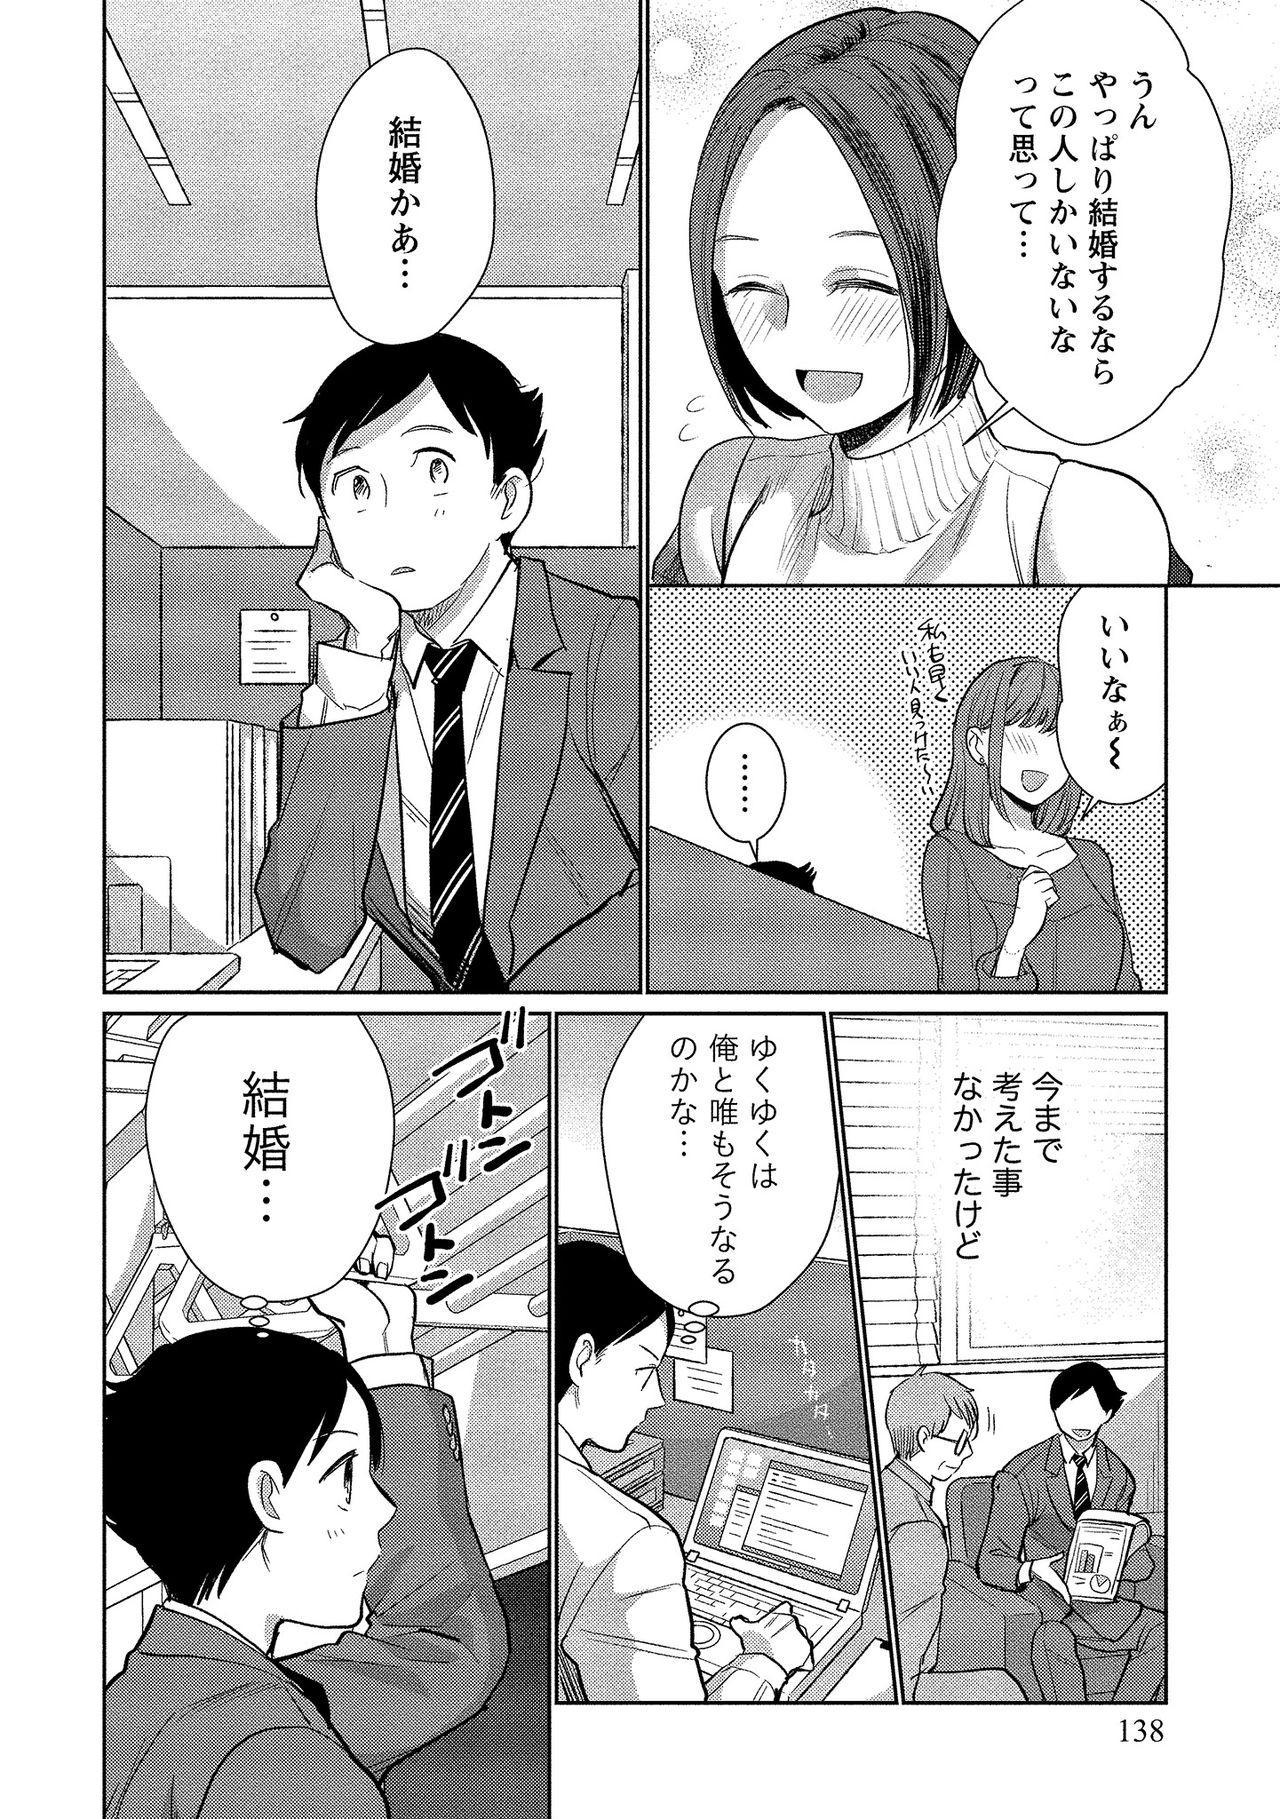 Dorobou Neko wa Kanojo no Hajimari 138